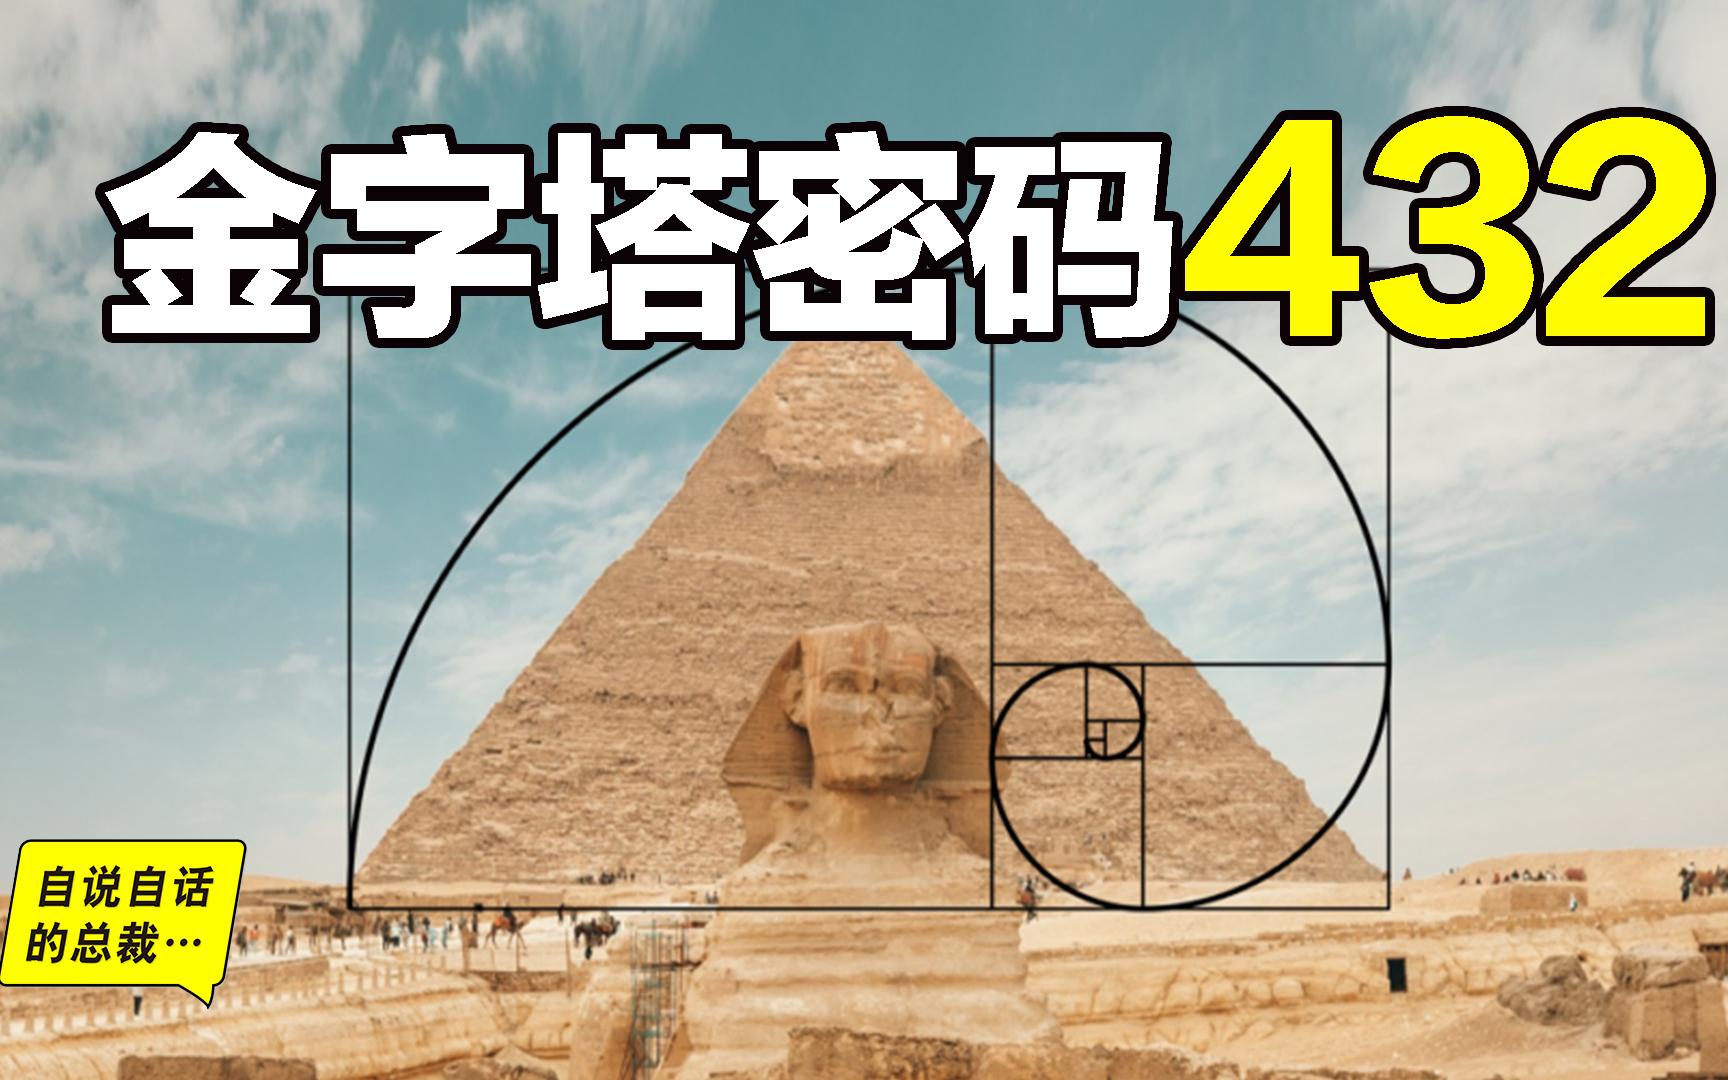 有个男人测量了金字塔,并暗示了他发现的秘密